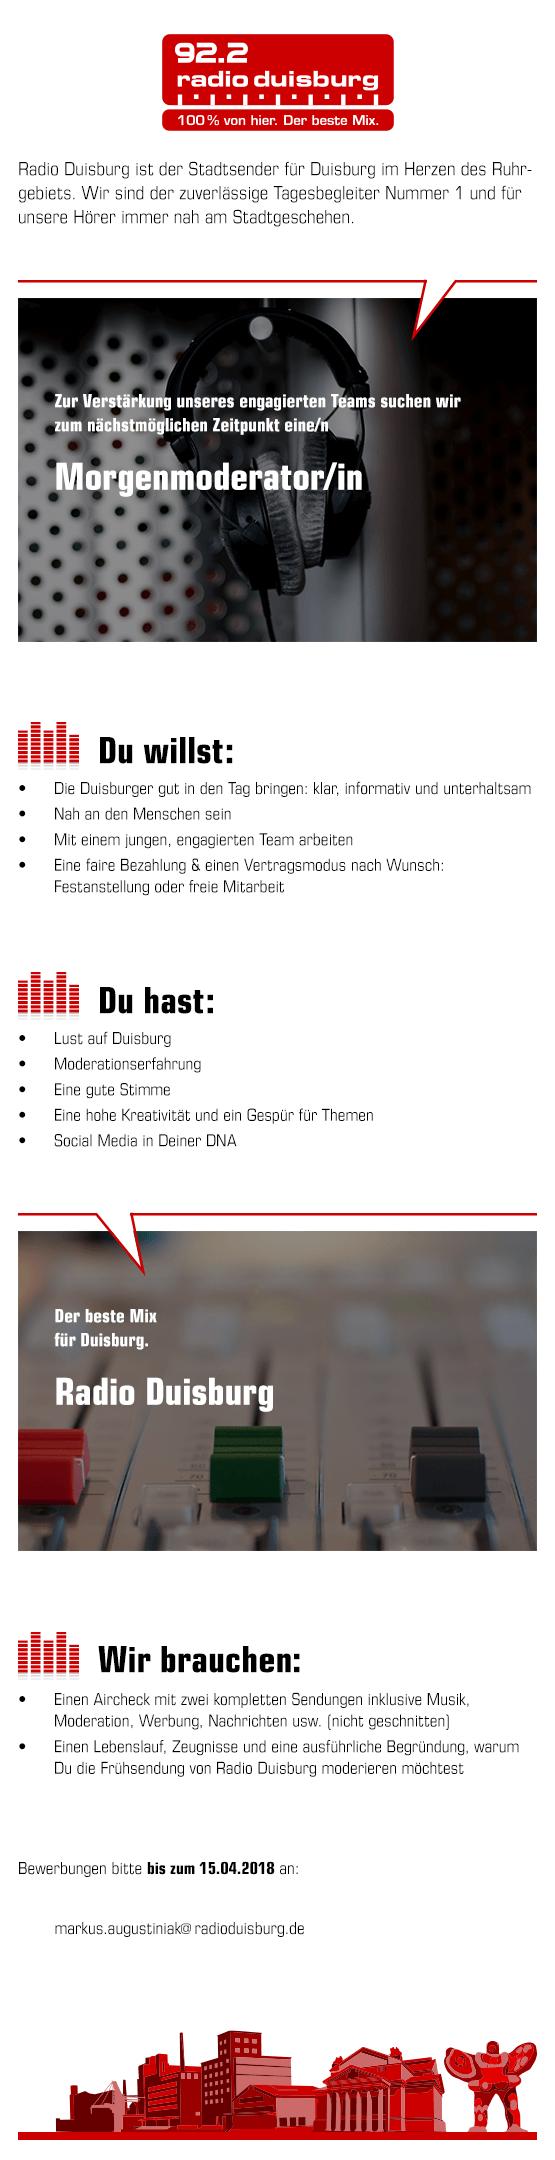 Radio Duisburg ist der Stadtsender im Herzen des Ruhrgebiets und der zuverlässige Tagesbgleiter Nummer 1 und immer nah am Stadtgeschehen. Radio Duisburg sucht zum nächstmöglichen Zeitpunkt eine/n Morgenmoderator/in.